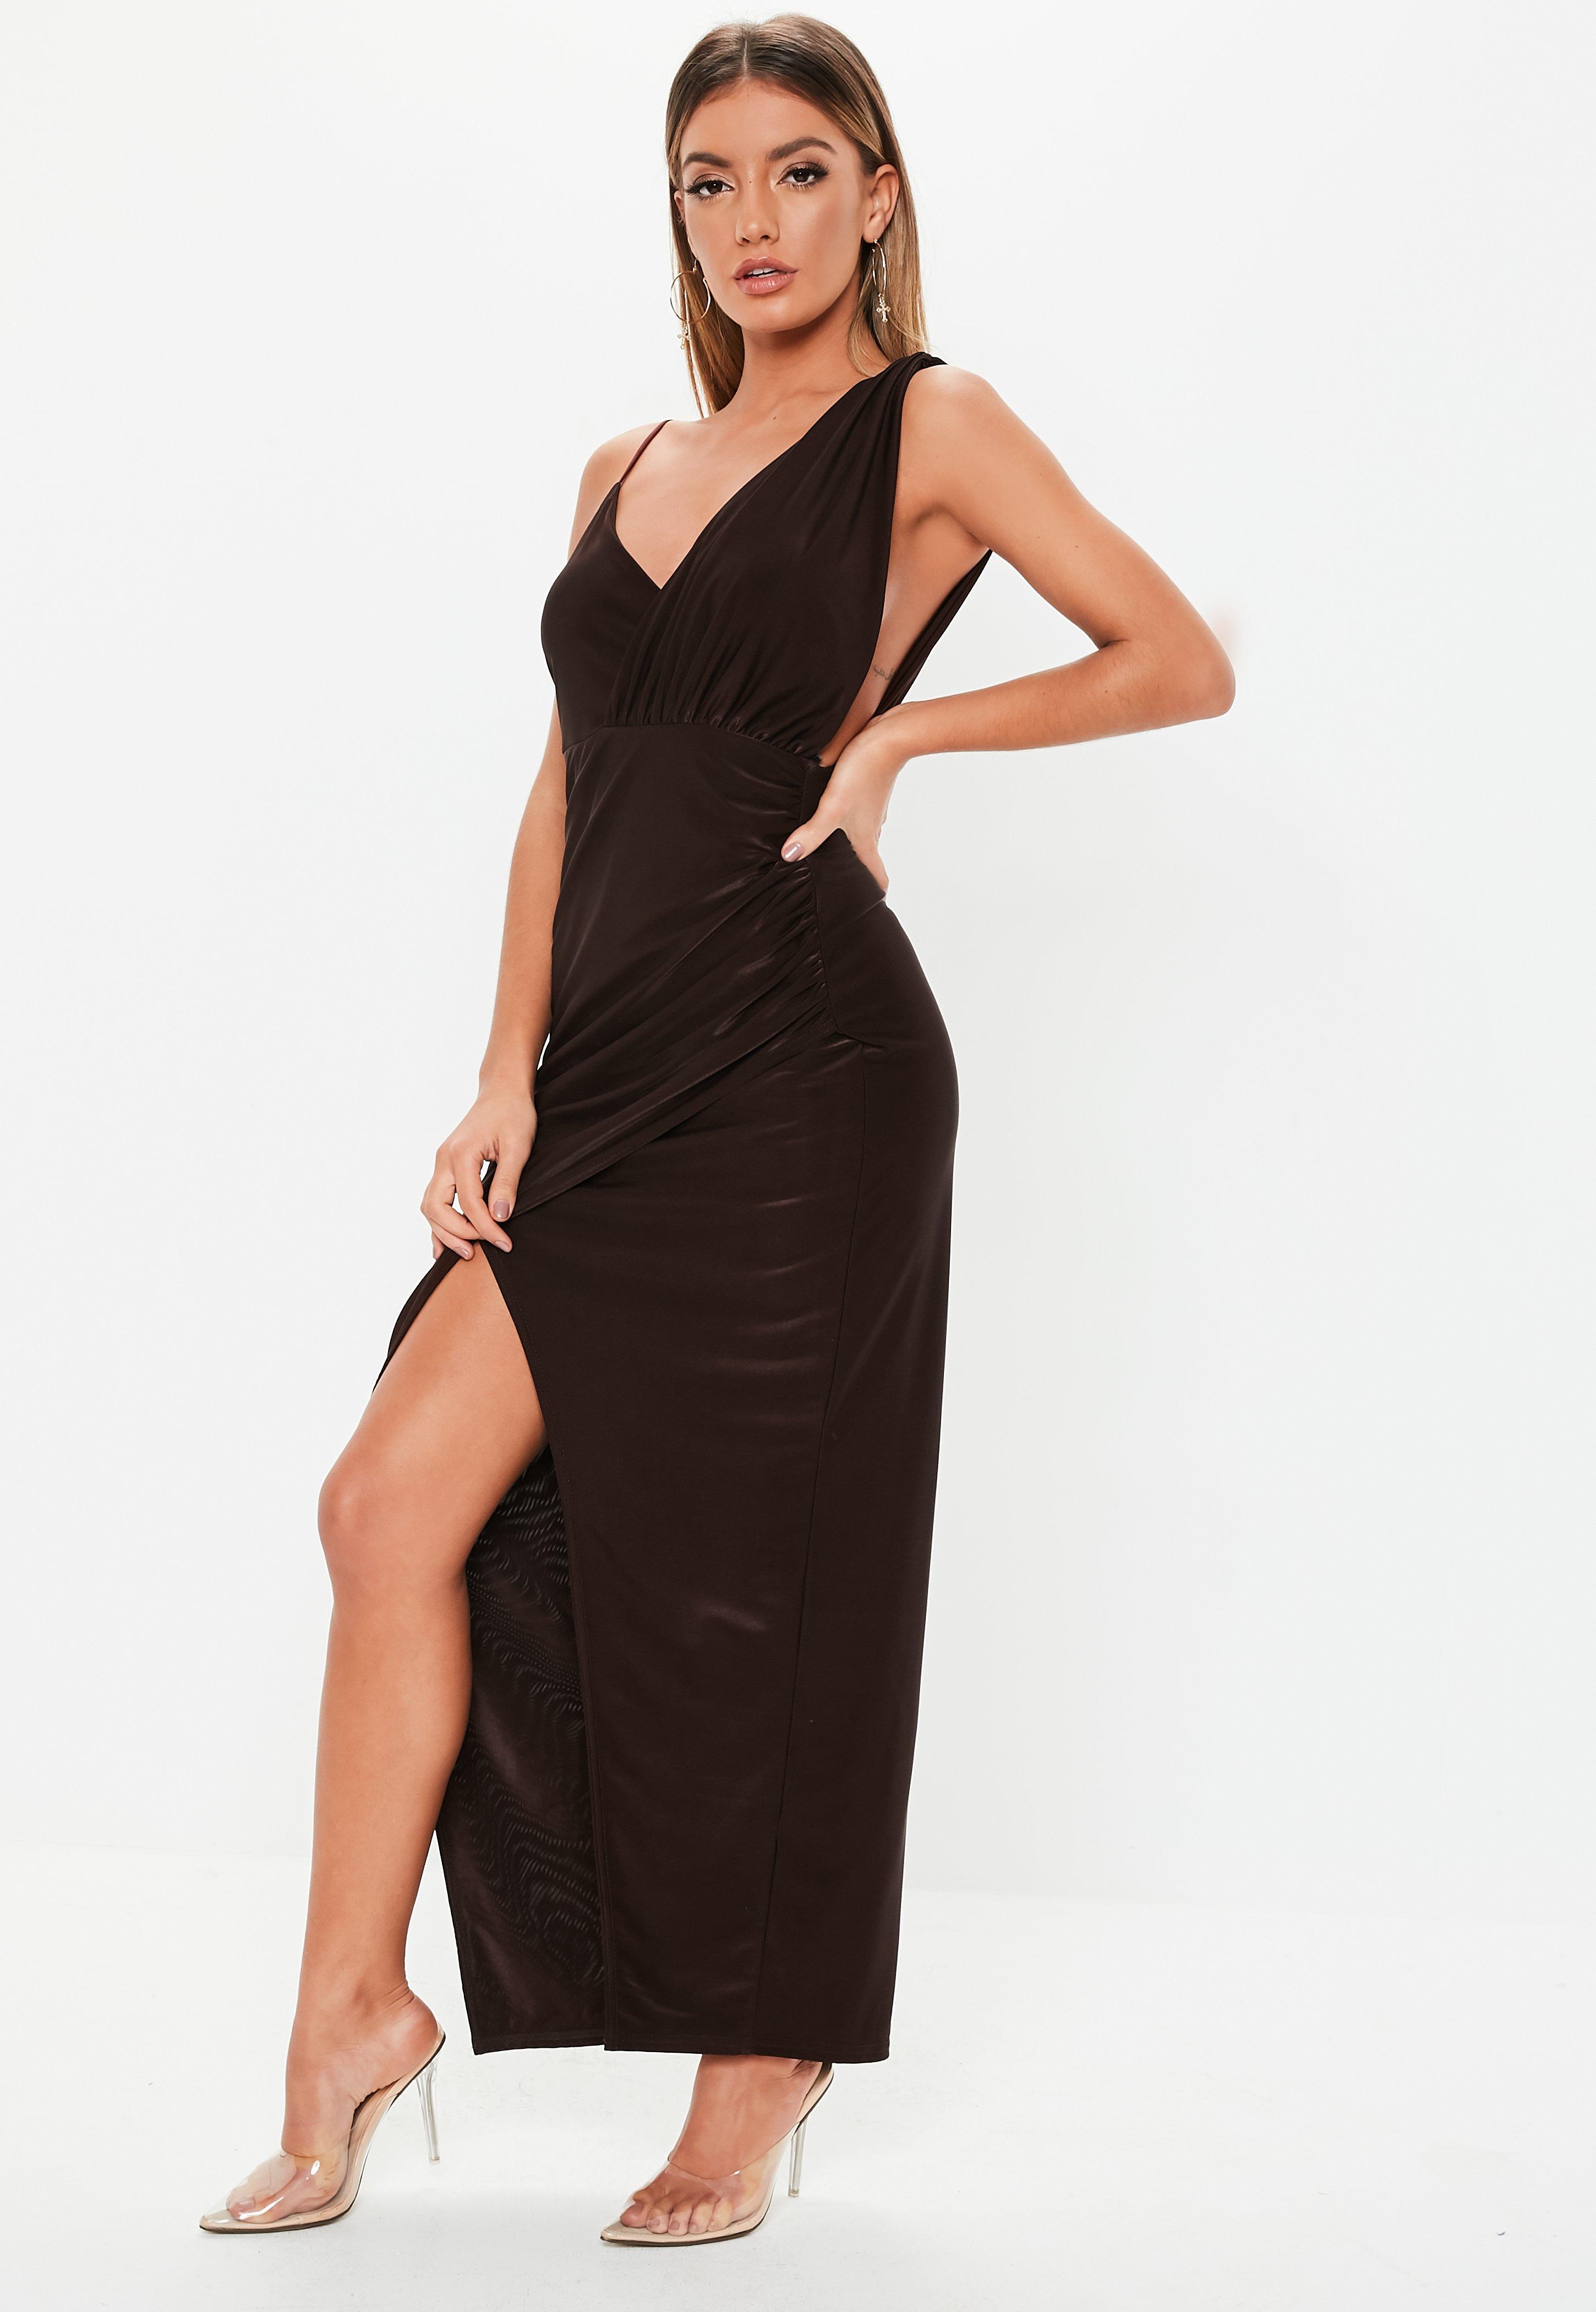 aba810e3b82be8 Sukienki Asymetryczne - Asymetryczne brzegi - Missguided